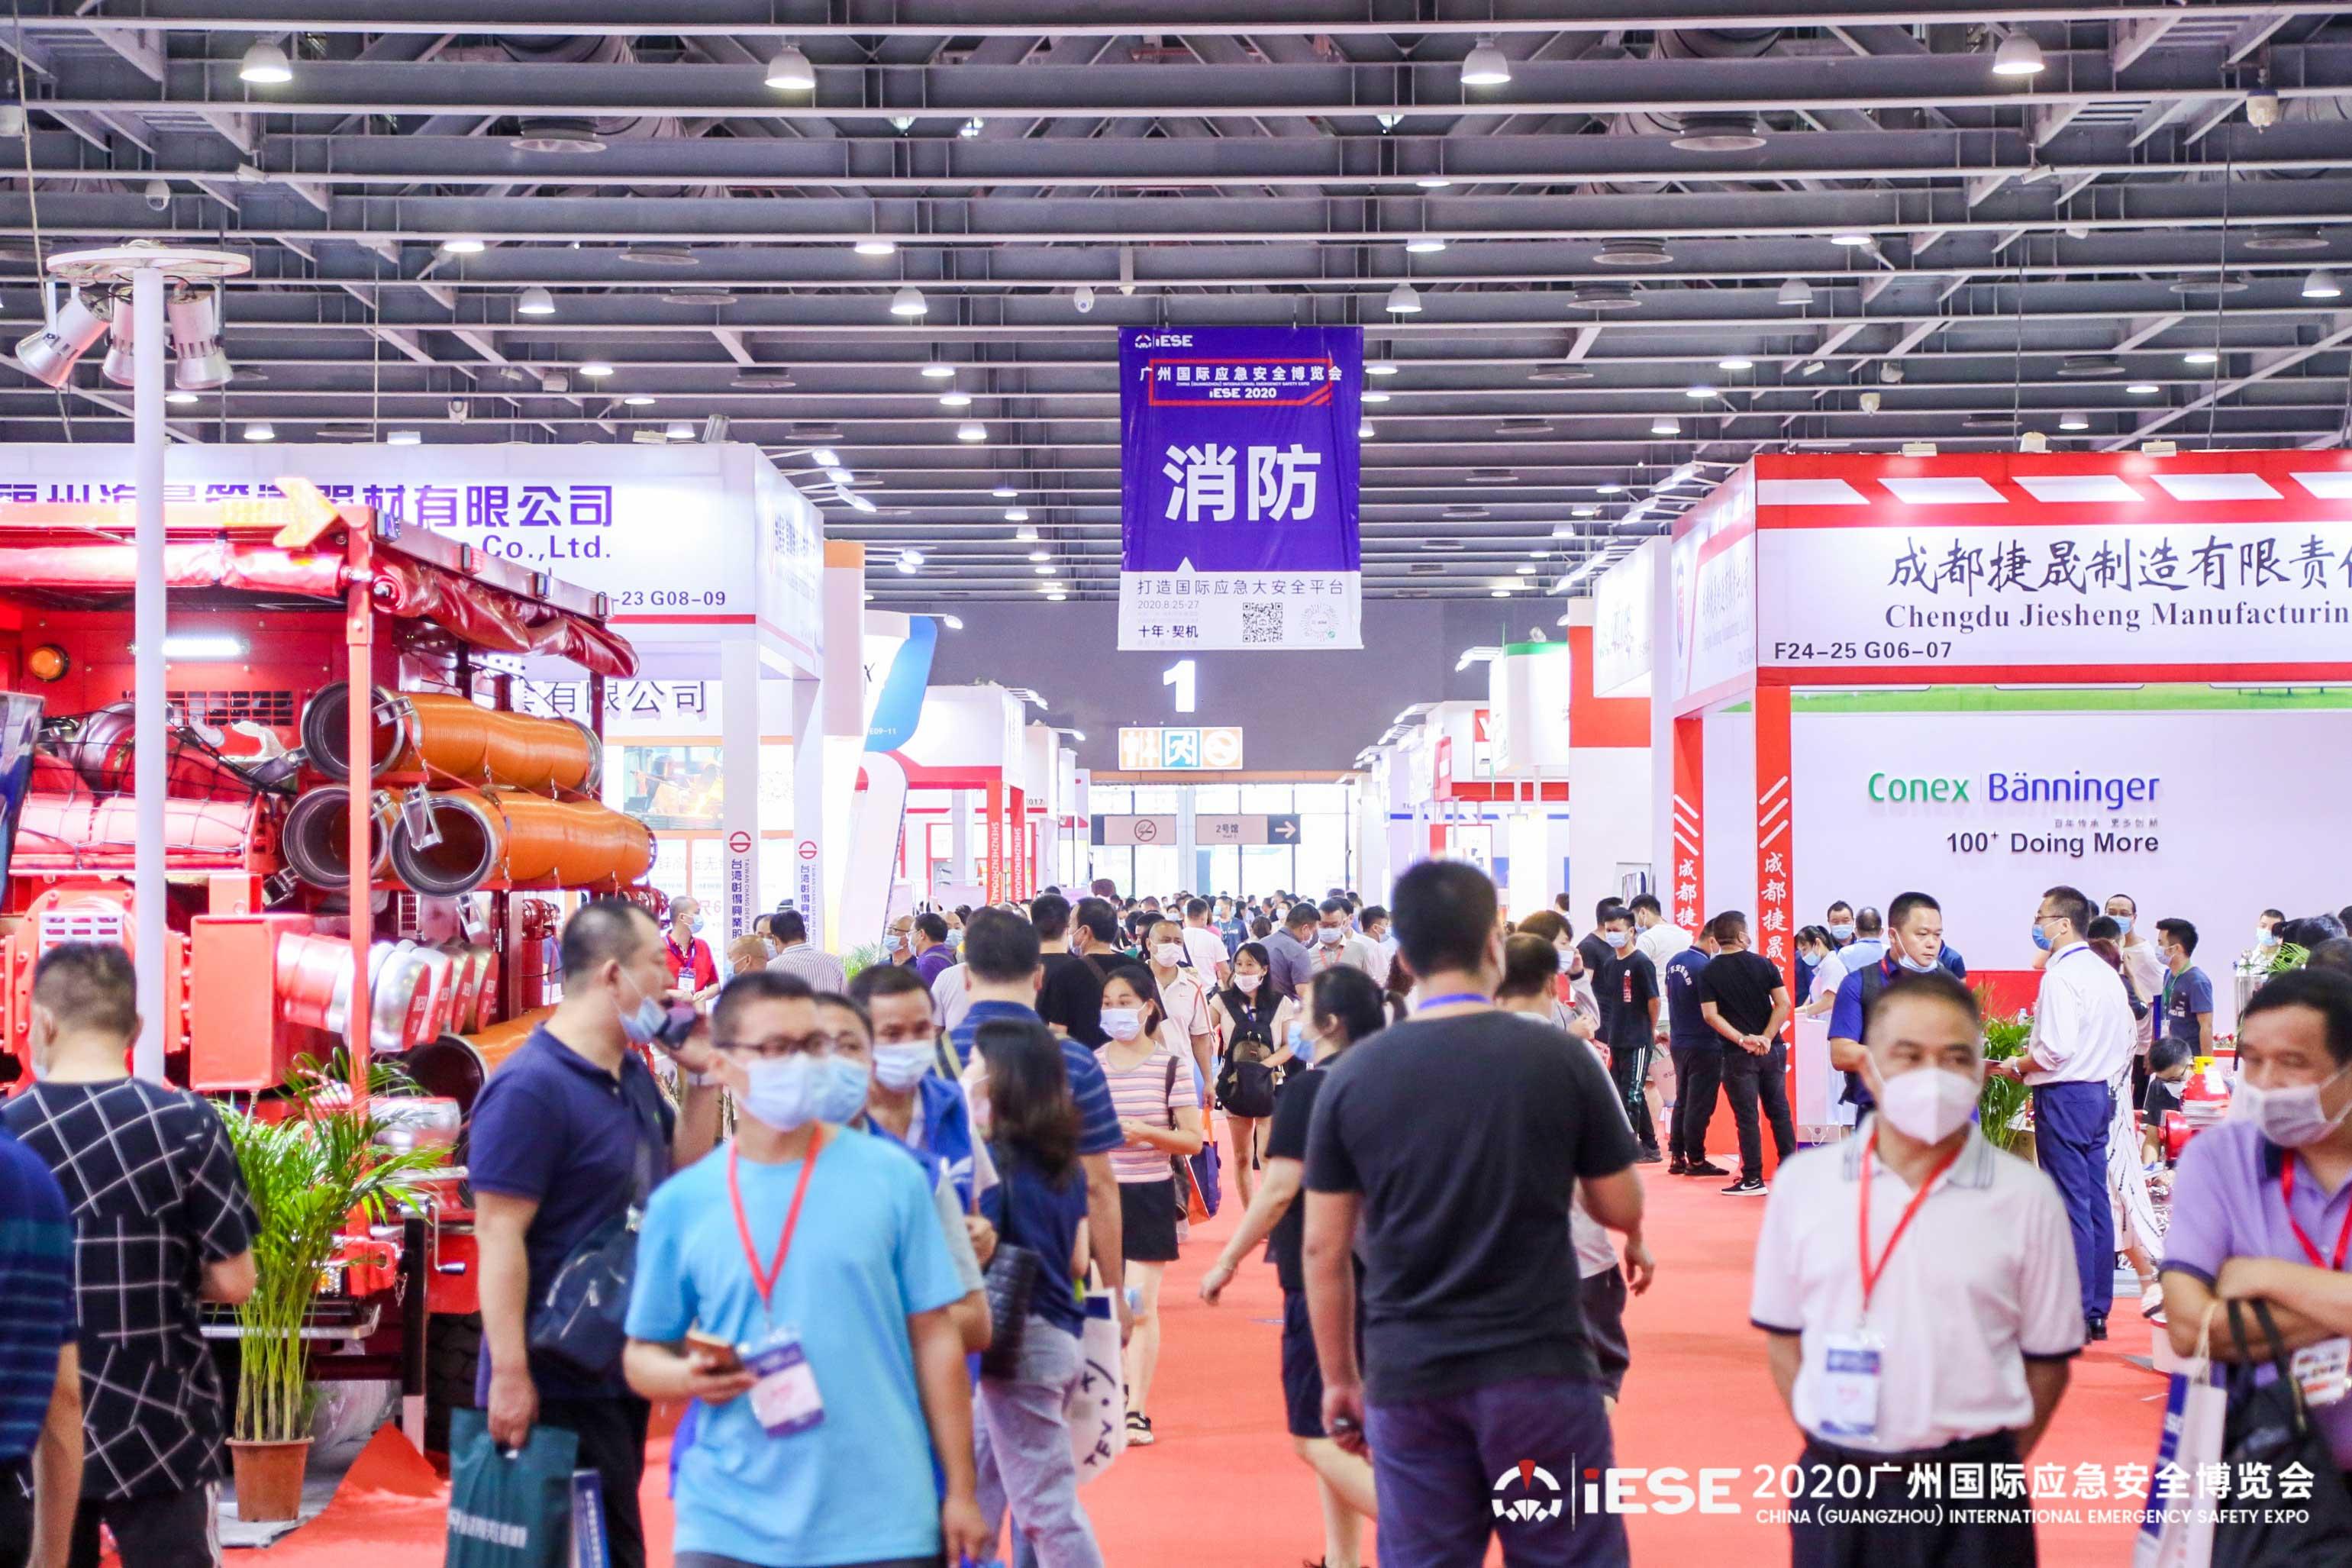 2020中国(广州)国际应急安全博览会隆重开幕